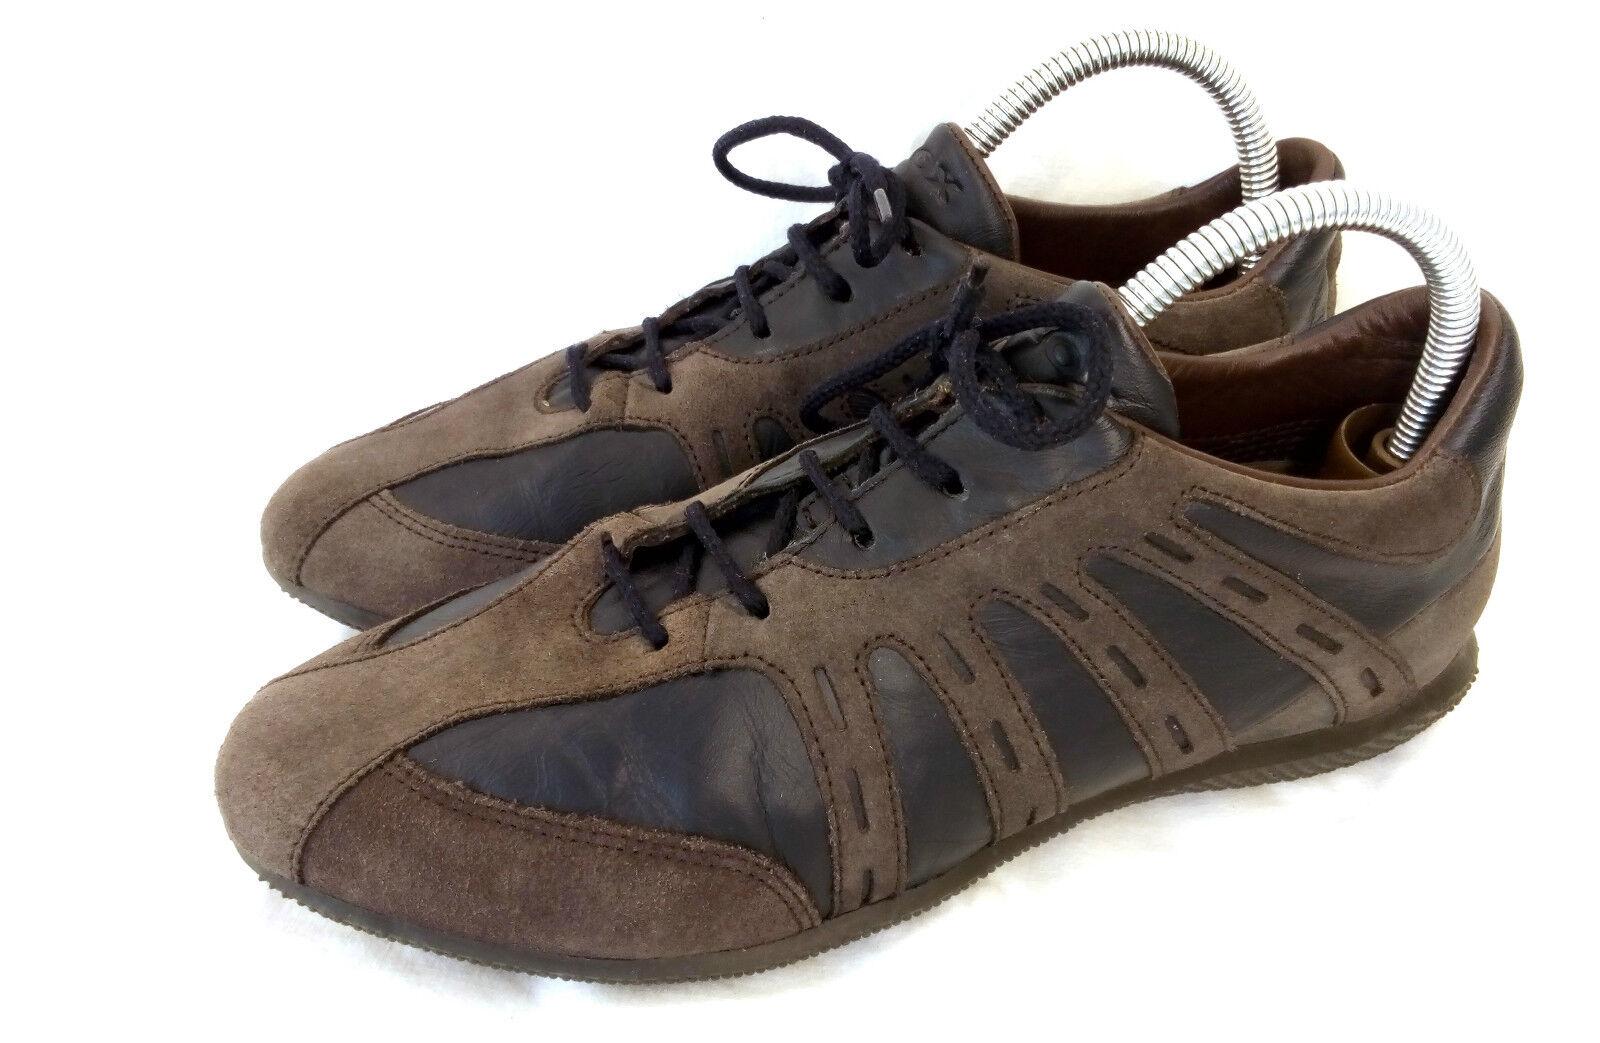 Geox SCARPE DONNA scarpe da ginnastica LACCI OXFORD MarroneeeE CAMOSCIO TG. 40 40,5 Top